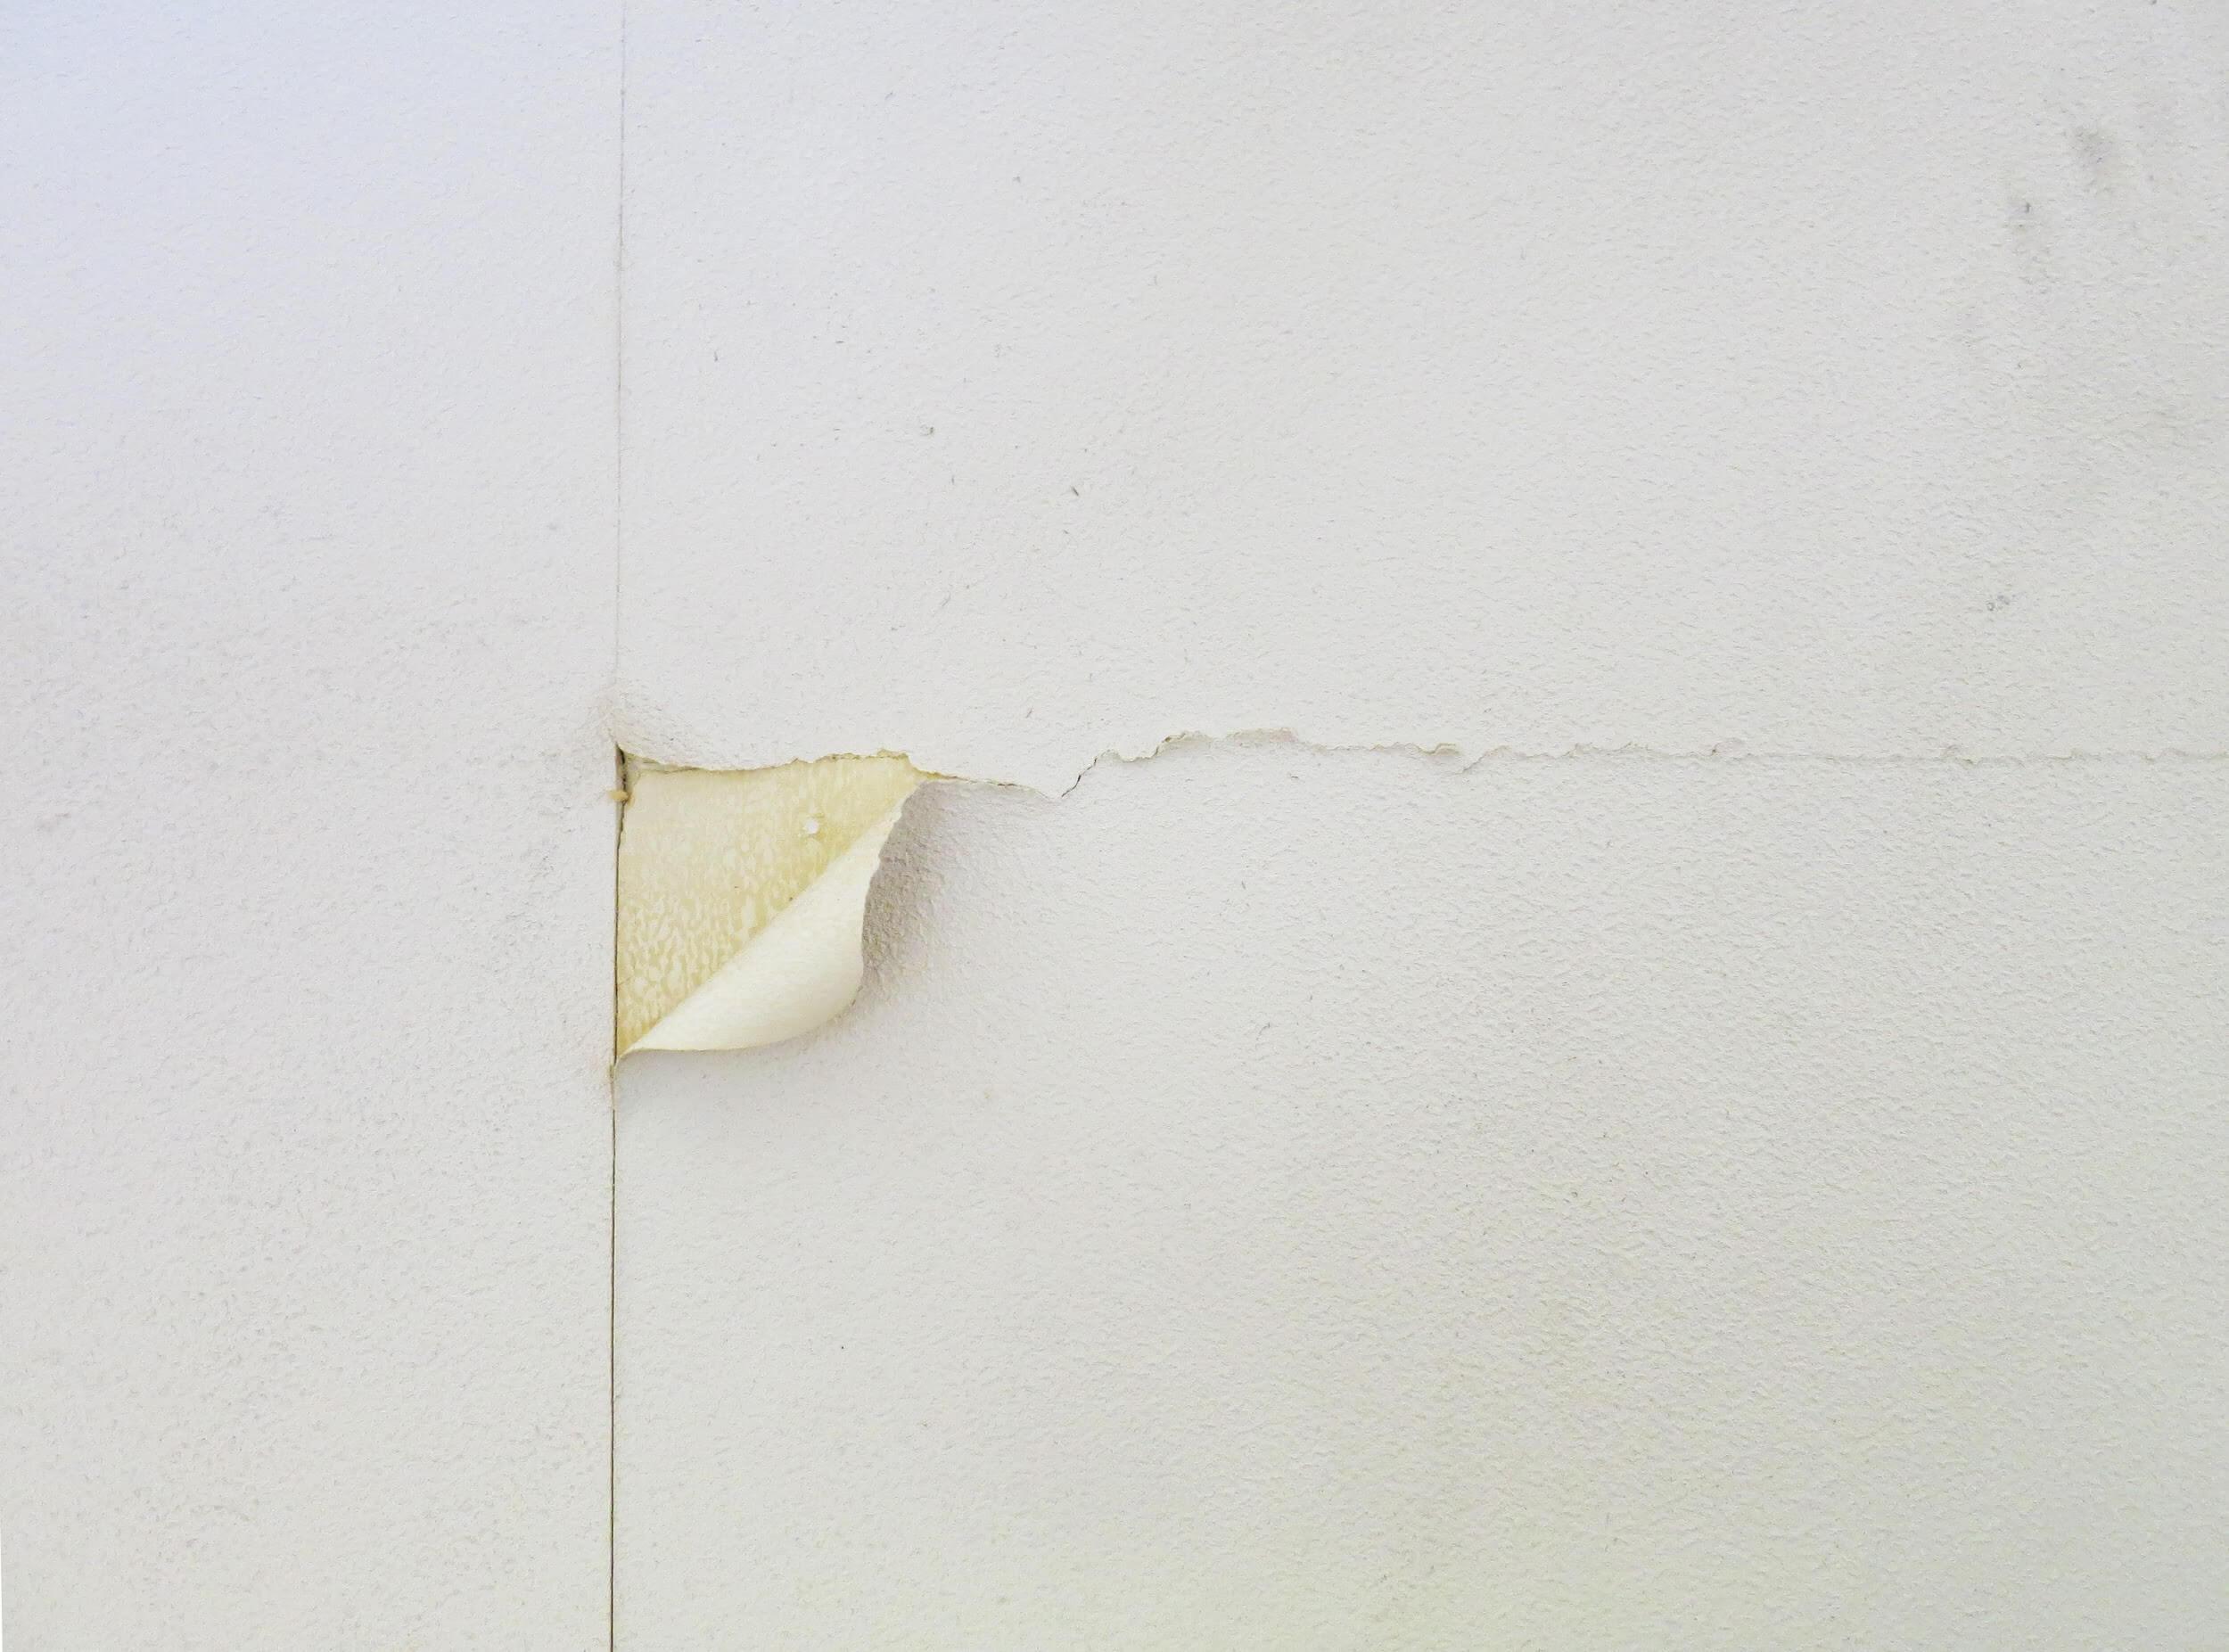 壁紙の継ぎ目をかんたん補修!道具と注意ポイントを詳しく解説